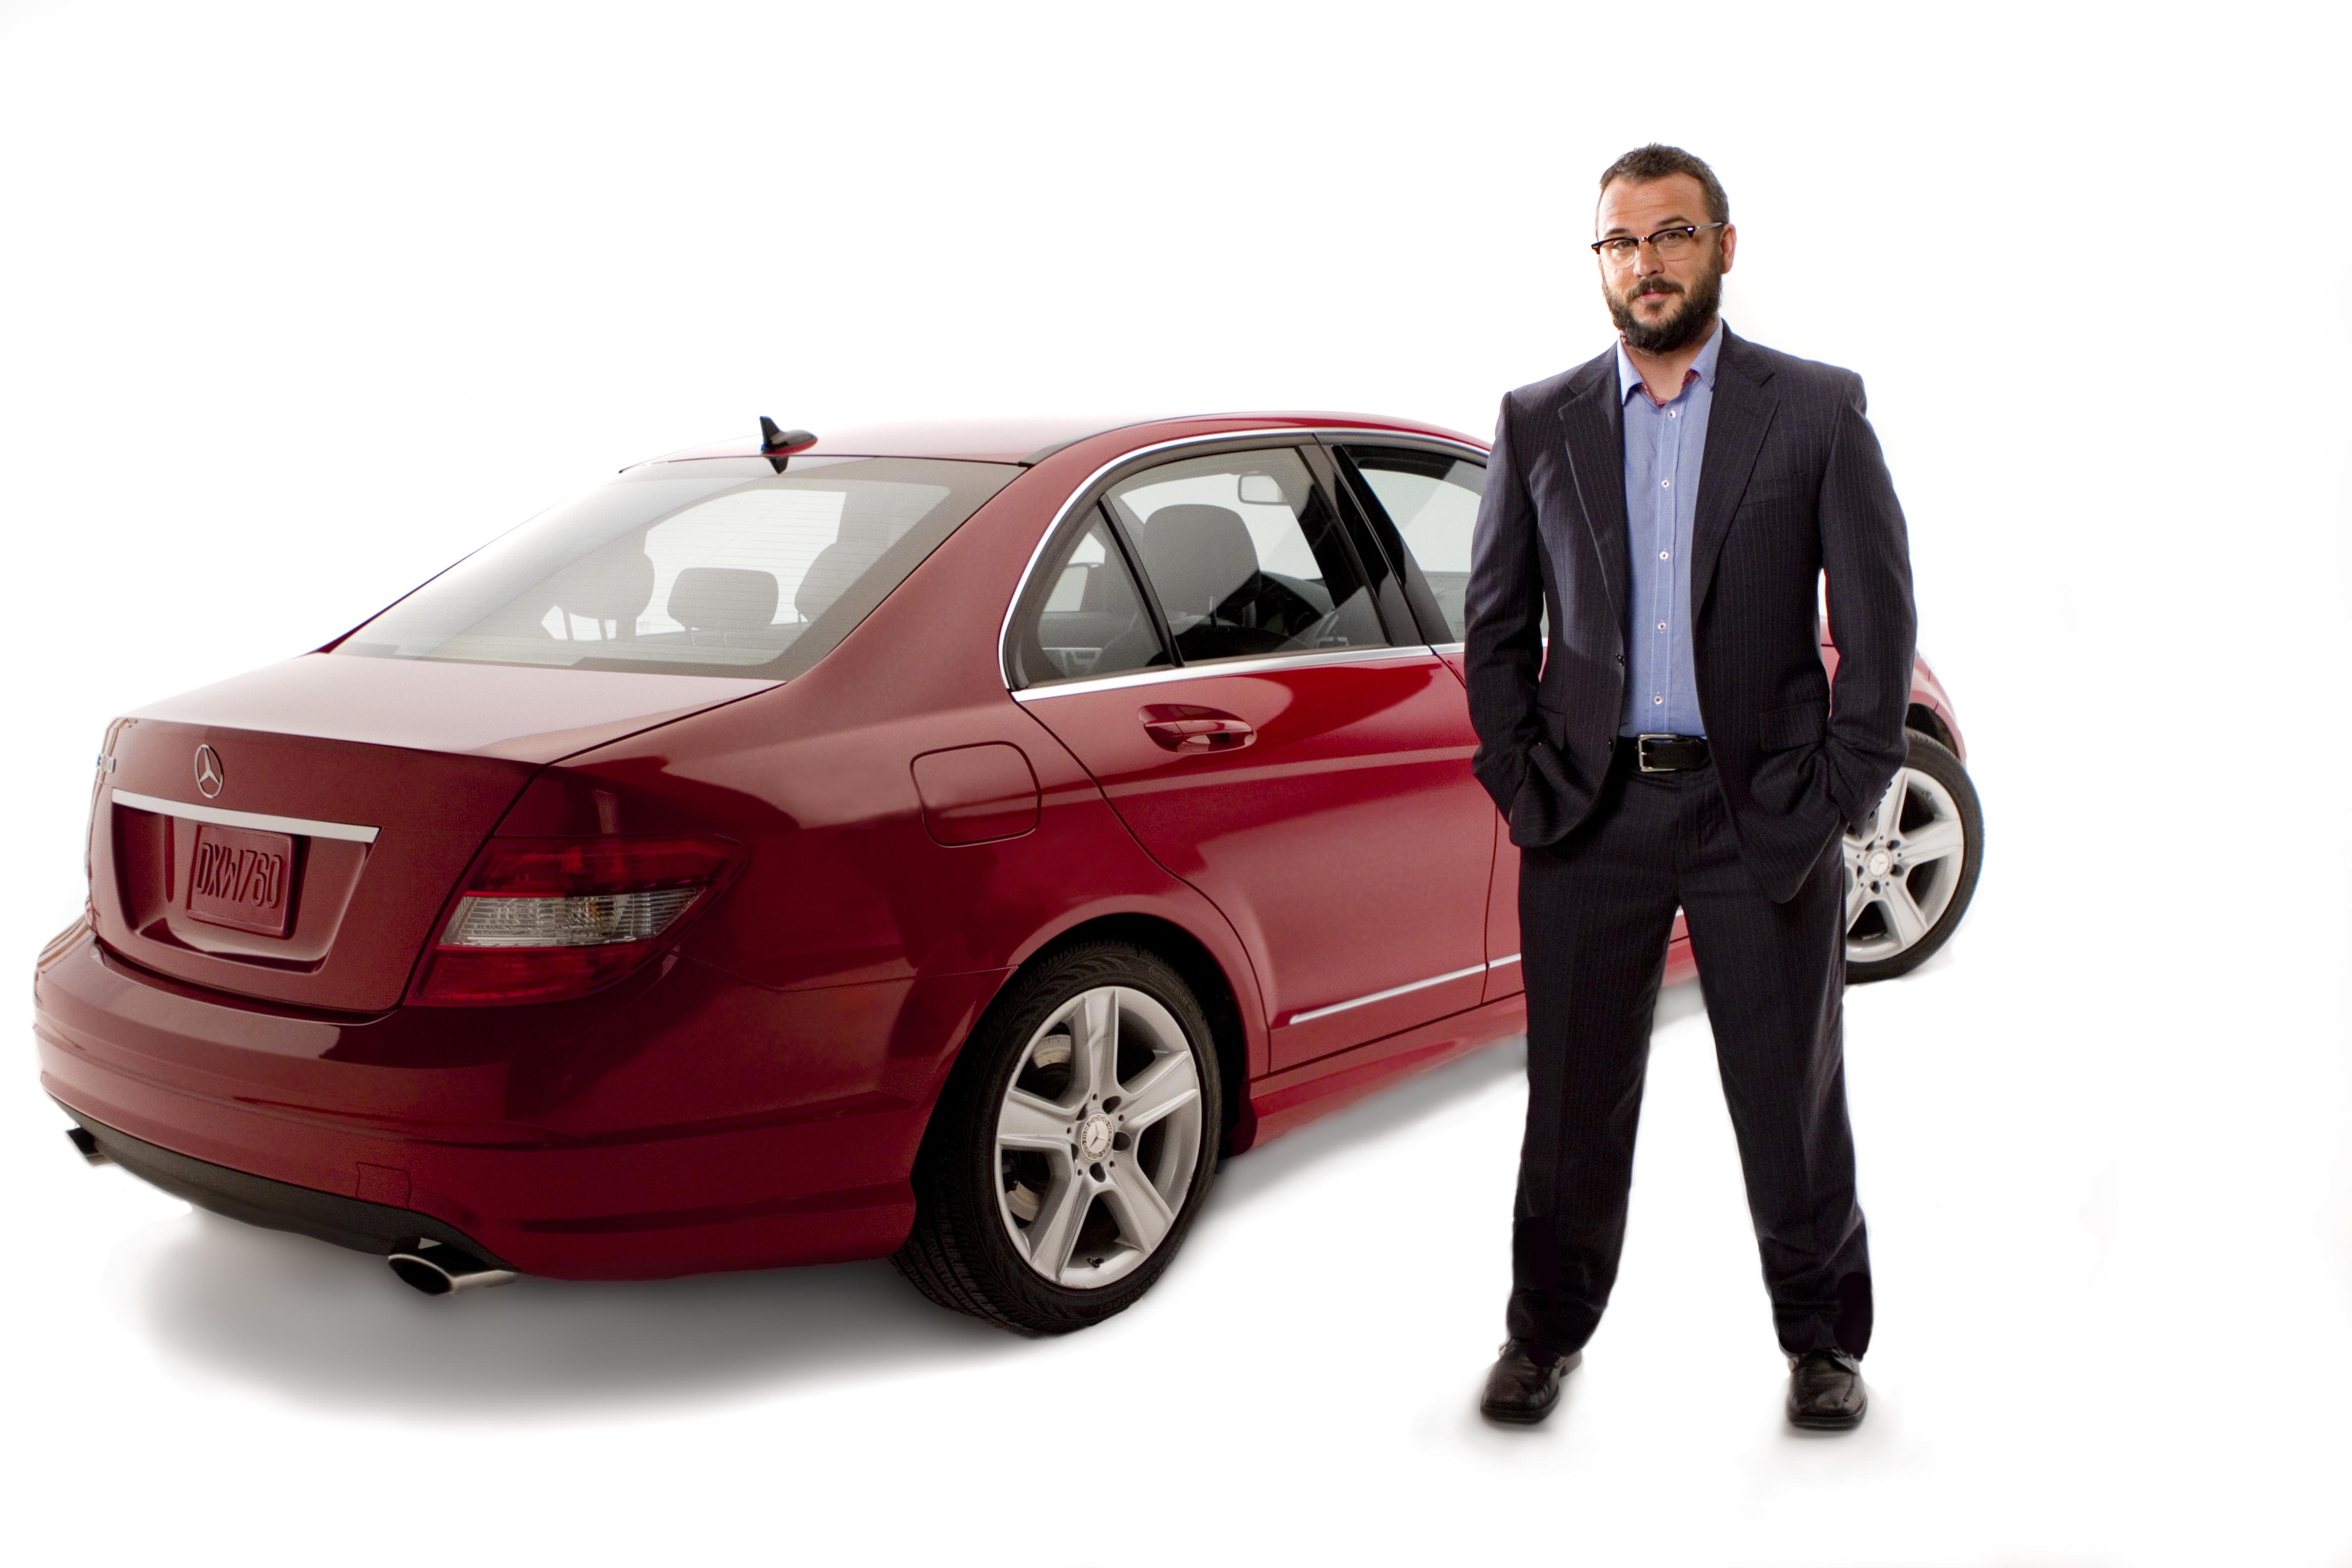 Red car2 v.1.jpg